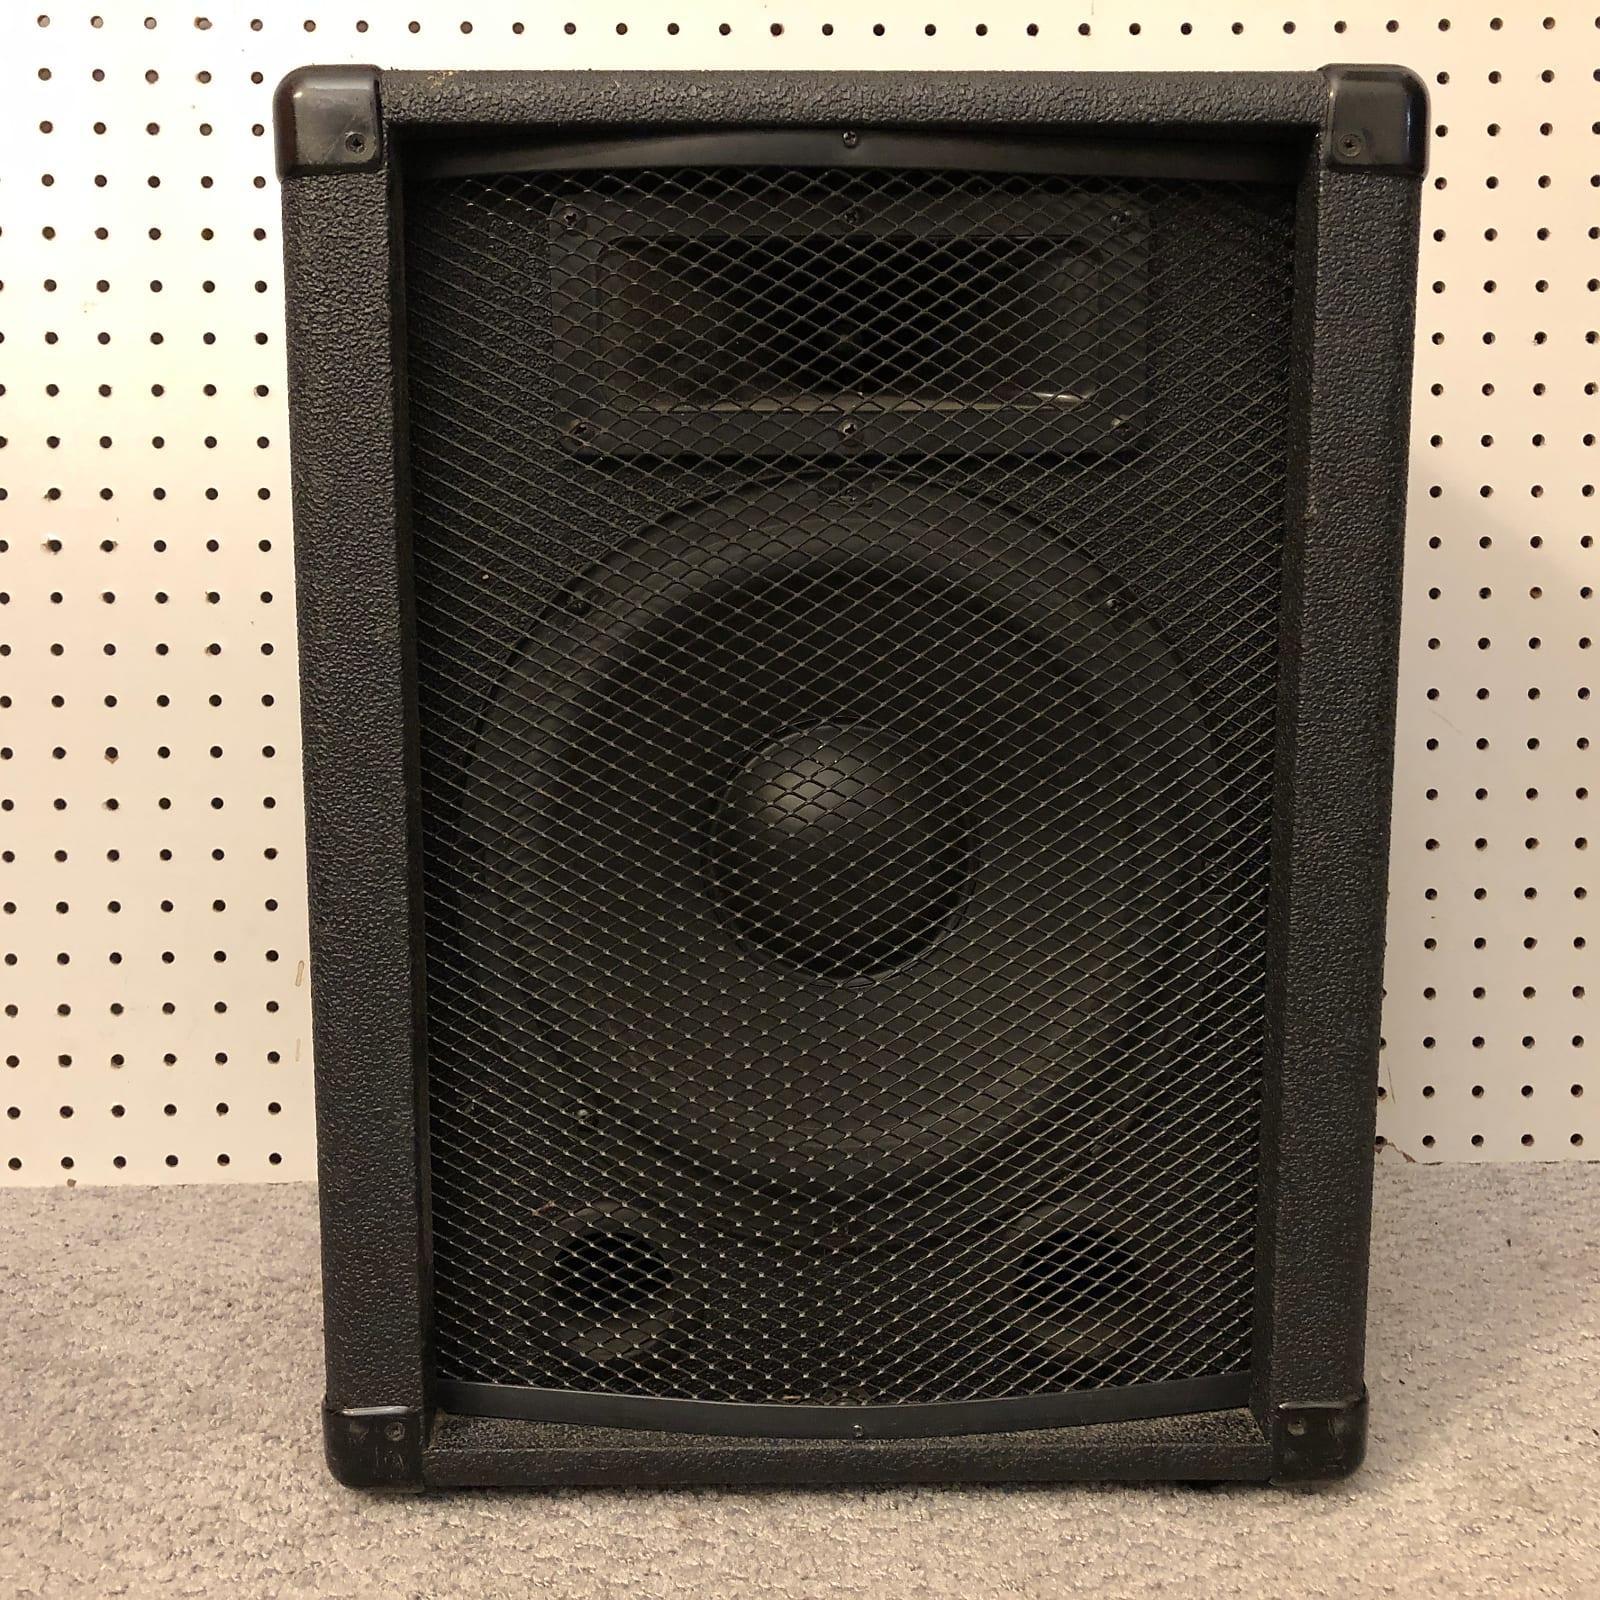 Hollinger PA-120 Passive Speaker